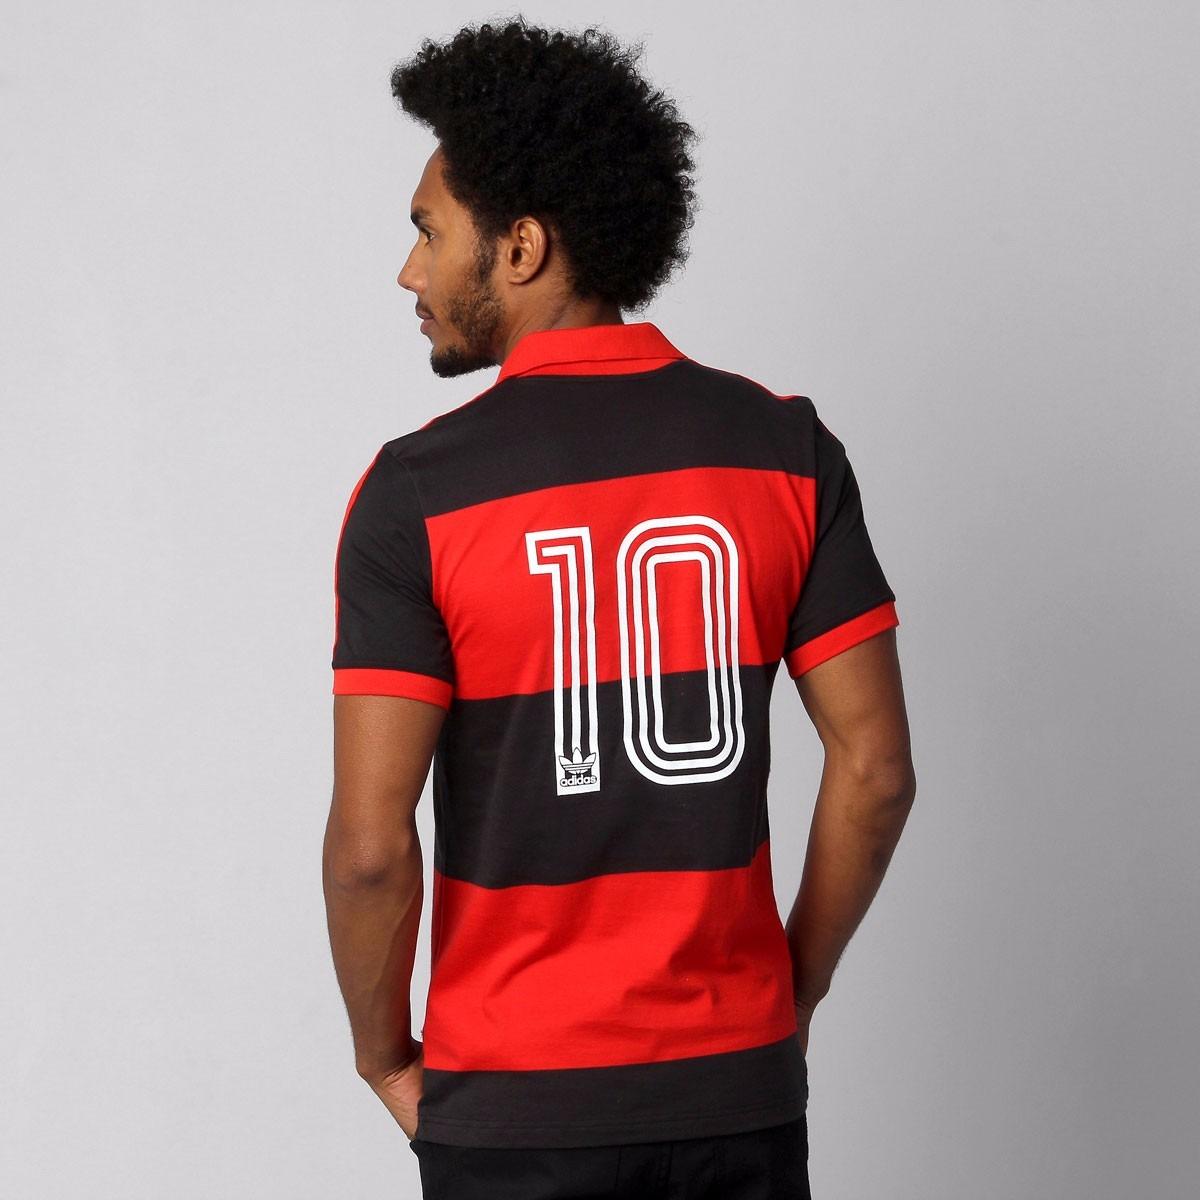 0e6c7a7fc1 ... Icon Edição Limitada Retrô 376cff96ca3206  Camisa Flamengo Retro 80  Pólo Premium adidas Original - R 165